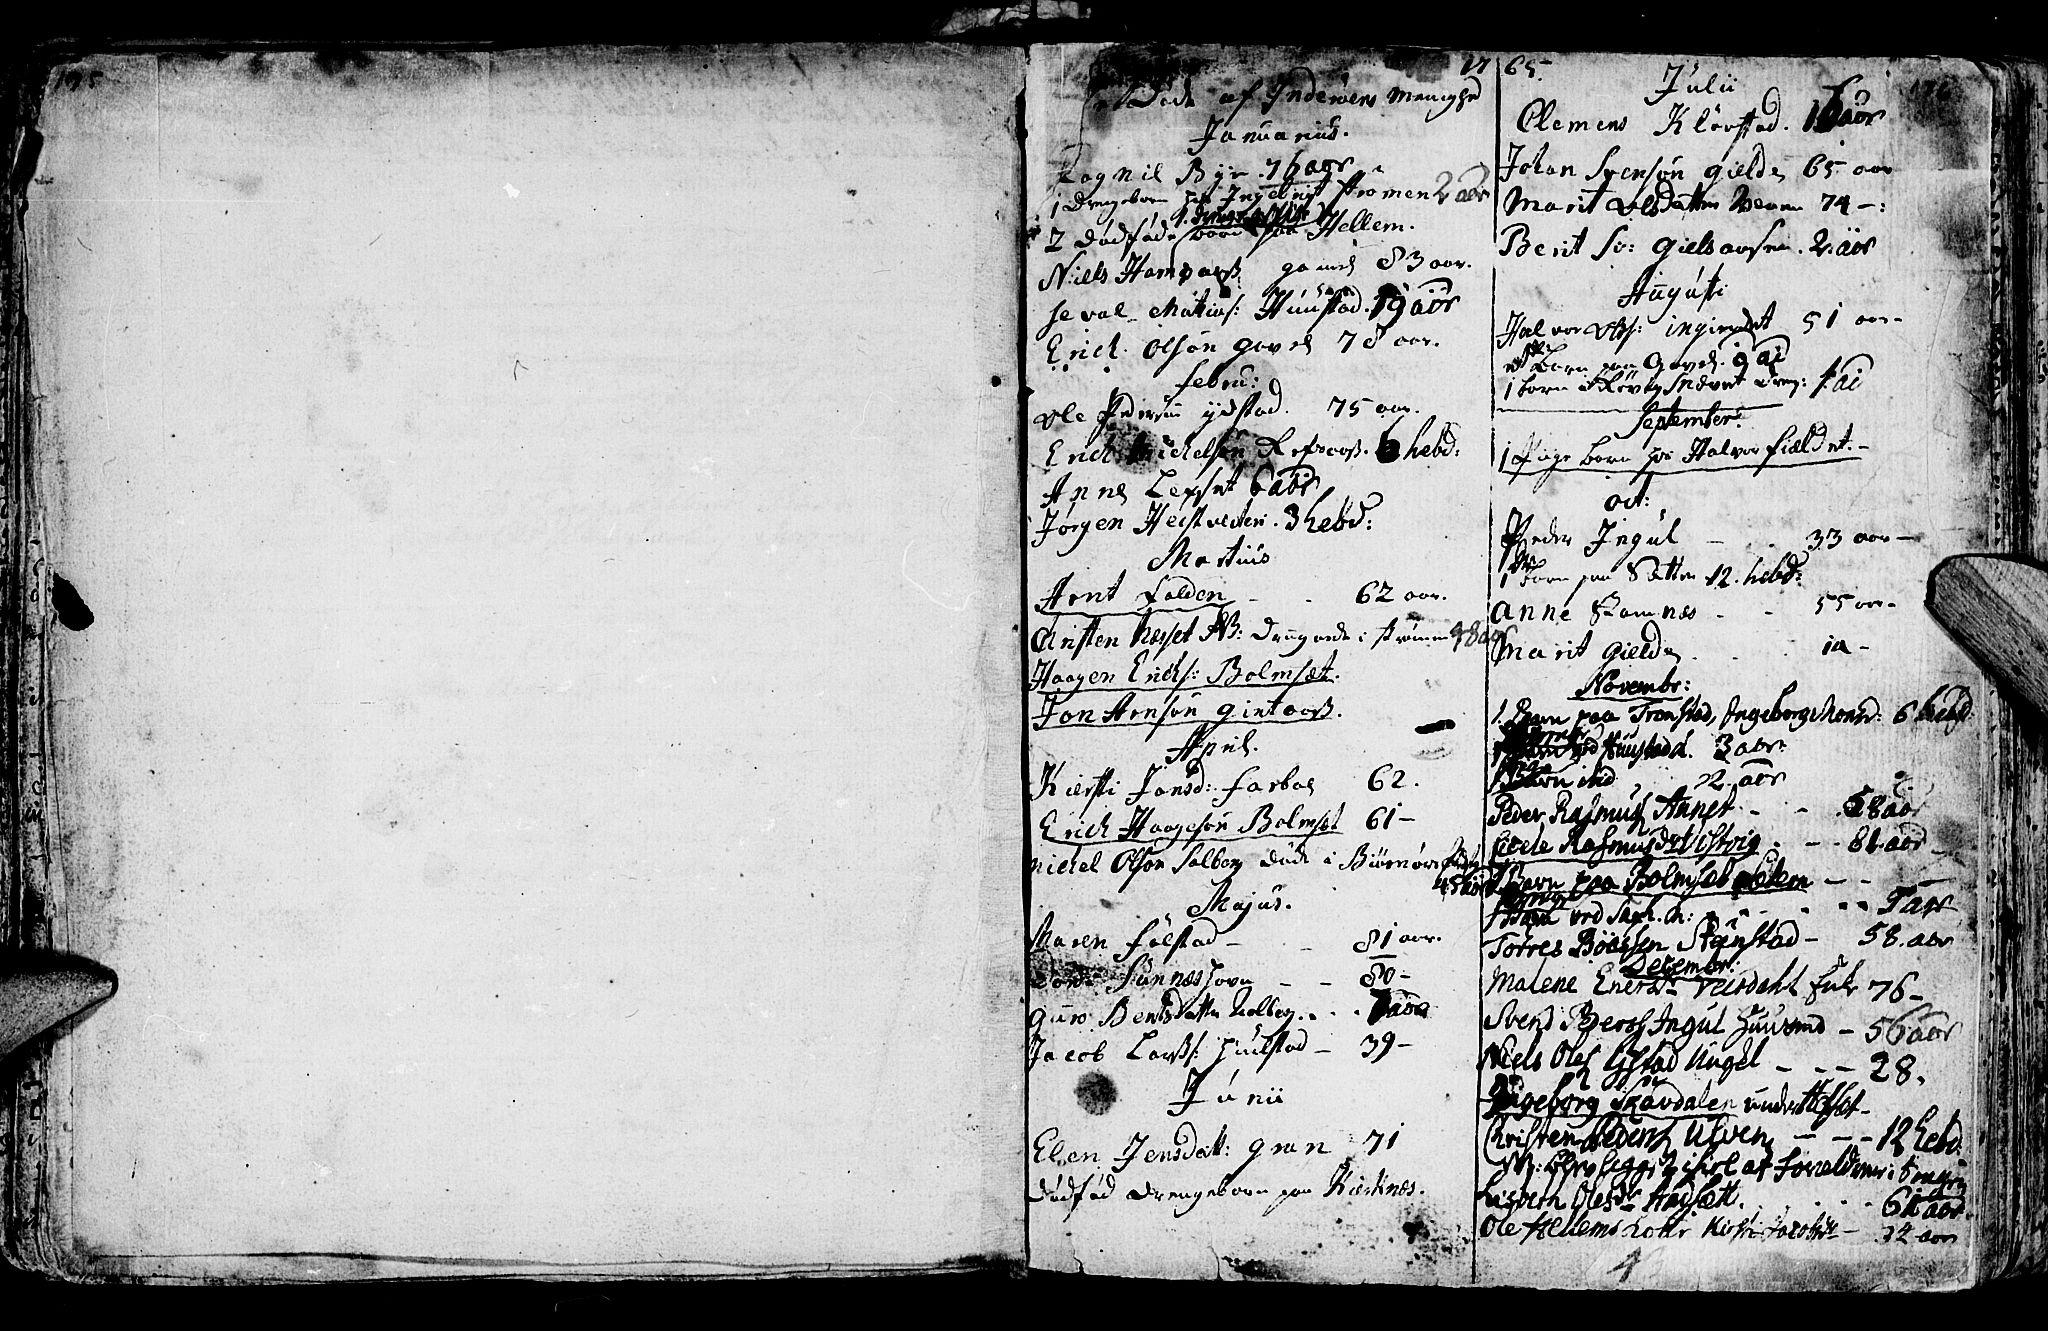 SAT, Ministerialprotokoller, klokkerbøker og fødselsregistre - Nord-Trøndelag, 730/L0273: Ministerialbok nr. 730A02, 1762-1802, s. 176